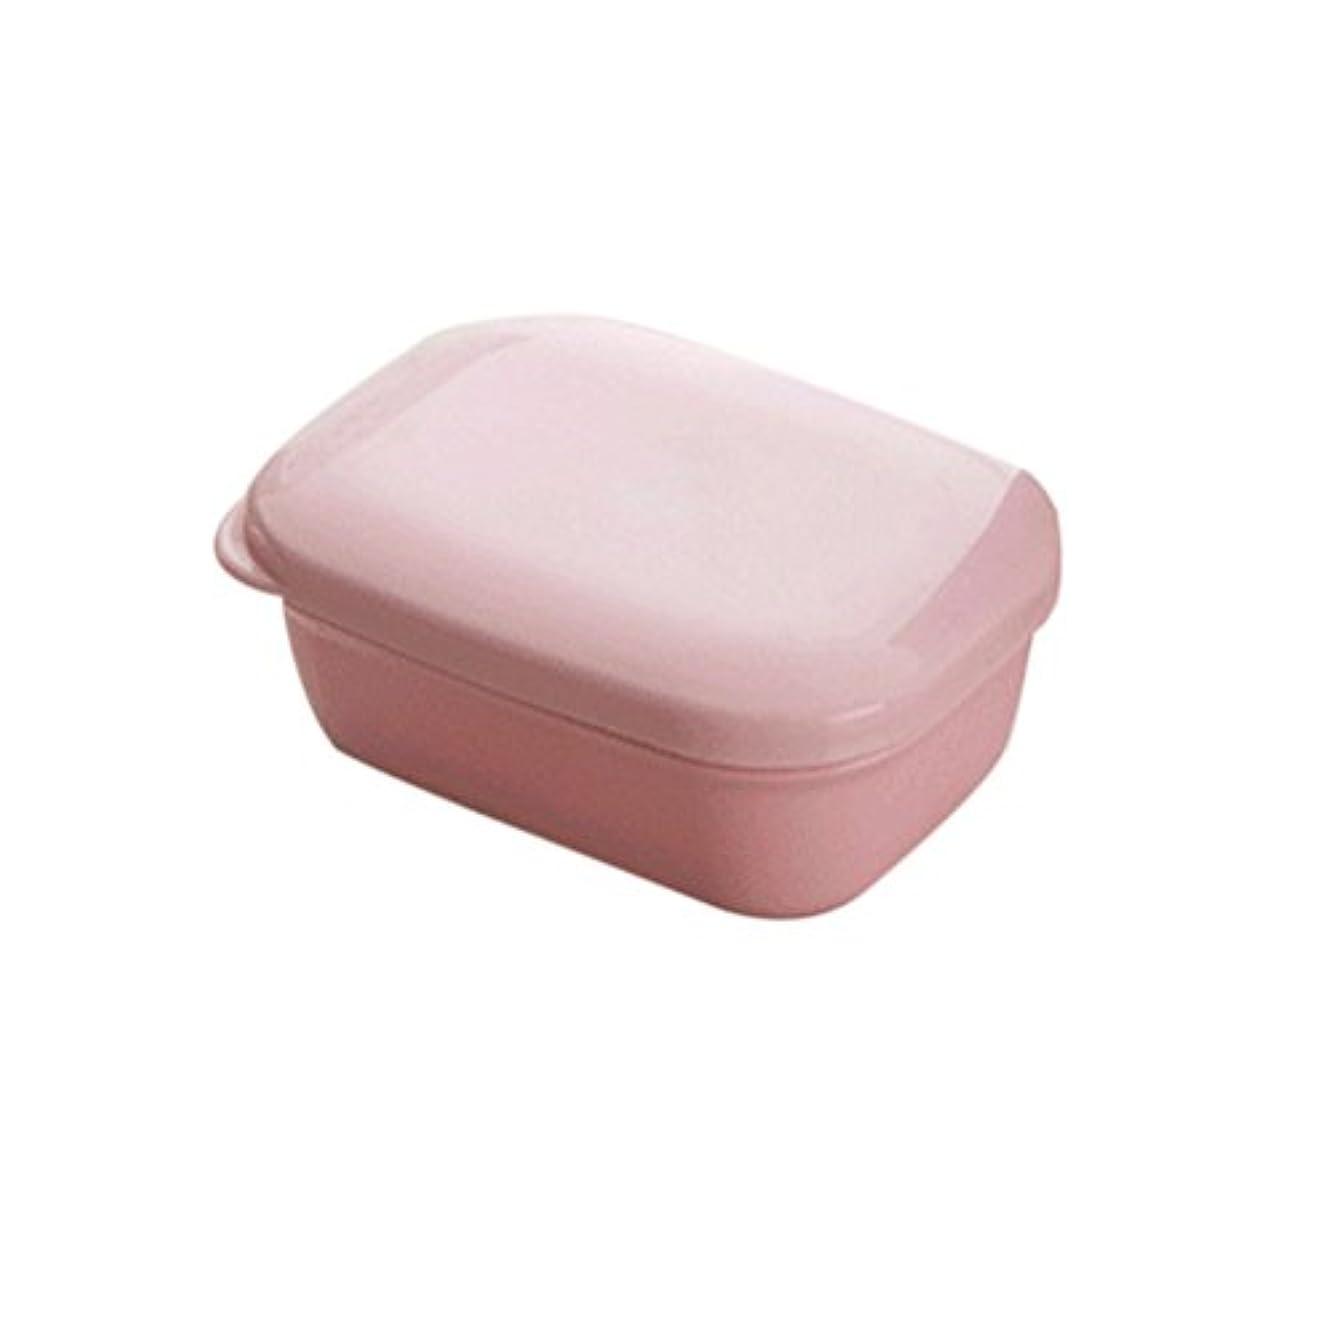 ヒューム増強ノートBESTOMZ 石鹸ケース 石鹸置き ソープディッシュ 旅行用 携帯 ふた付け(ピンク)